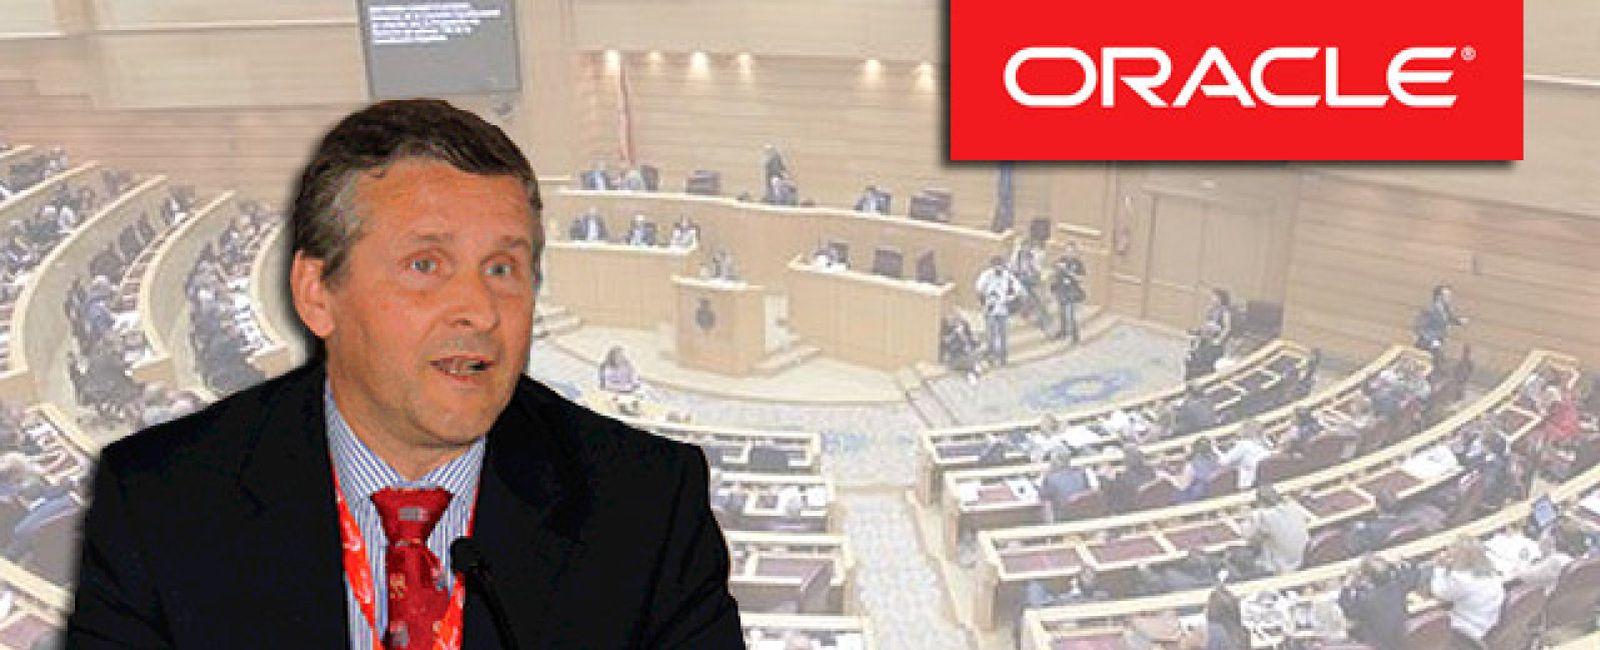 Foto: El Senado pagó 218.000 euros en licencias a Oracle a través de su 'mejor amigo'